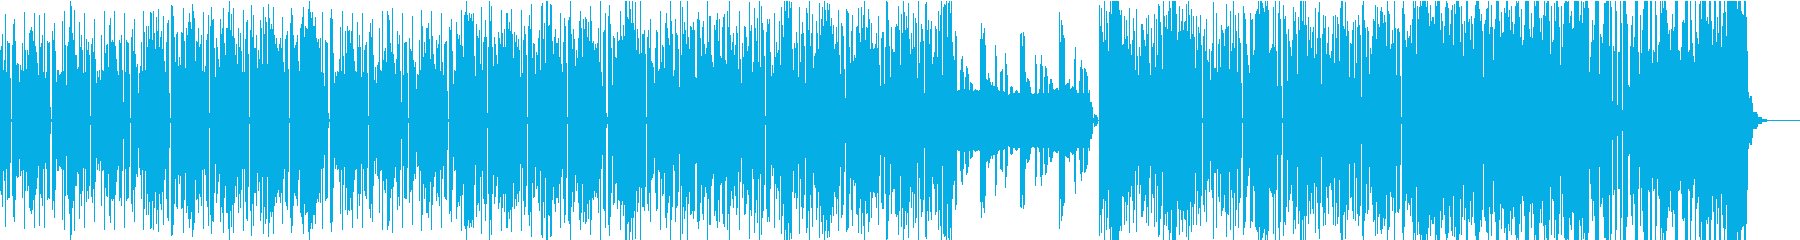 おしゃれなテクノポップBGMの再生済みの波形